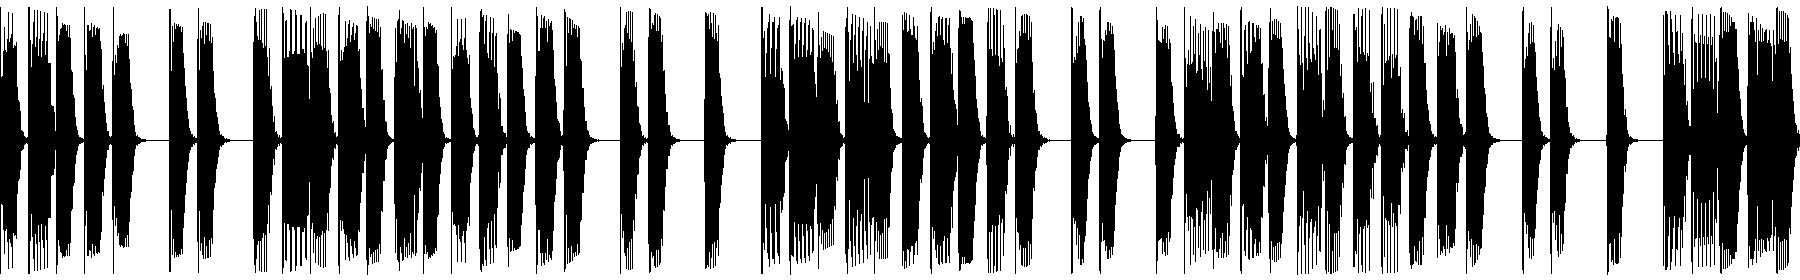 bass14 130